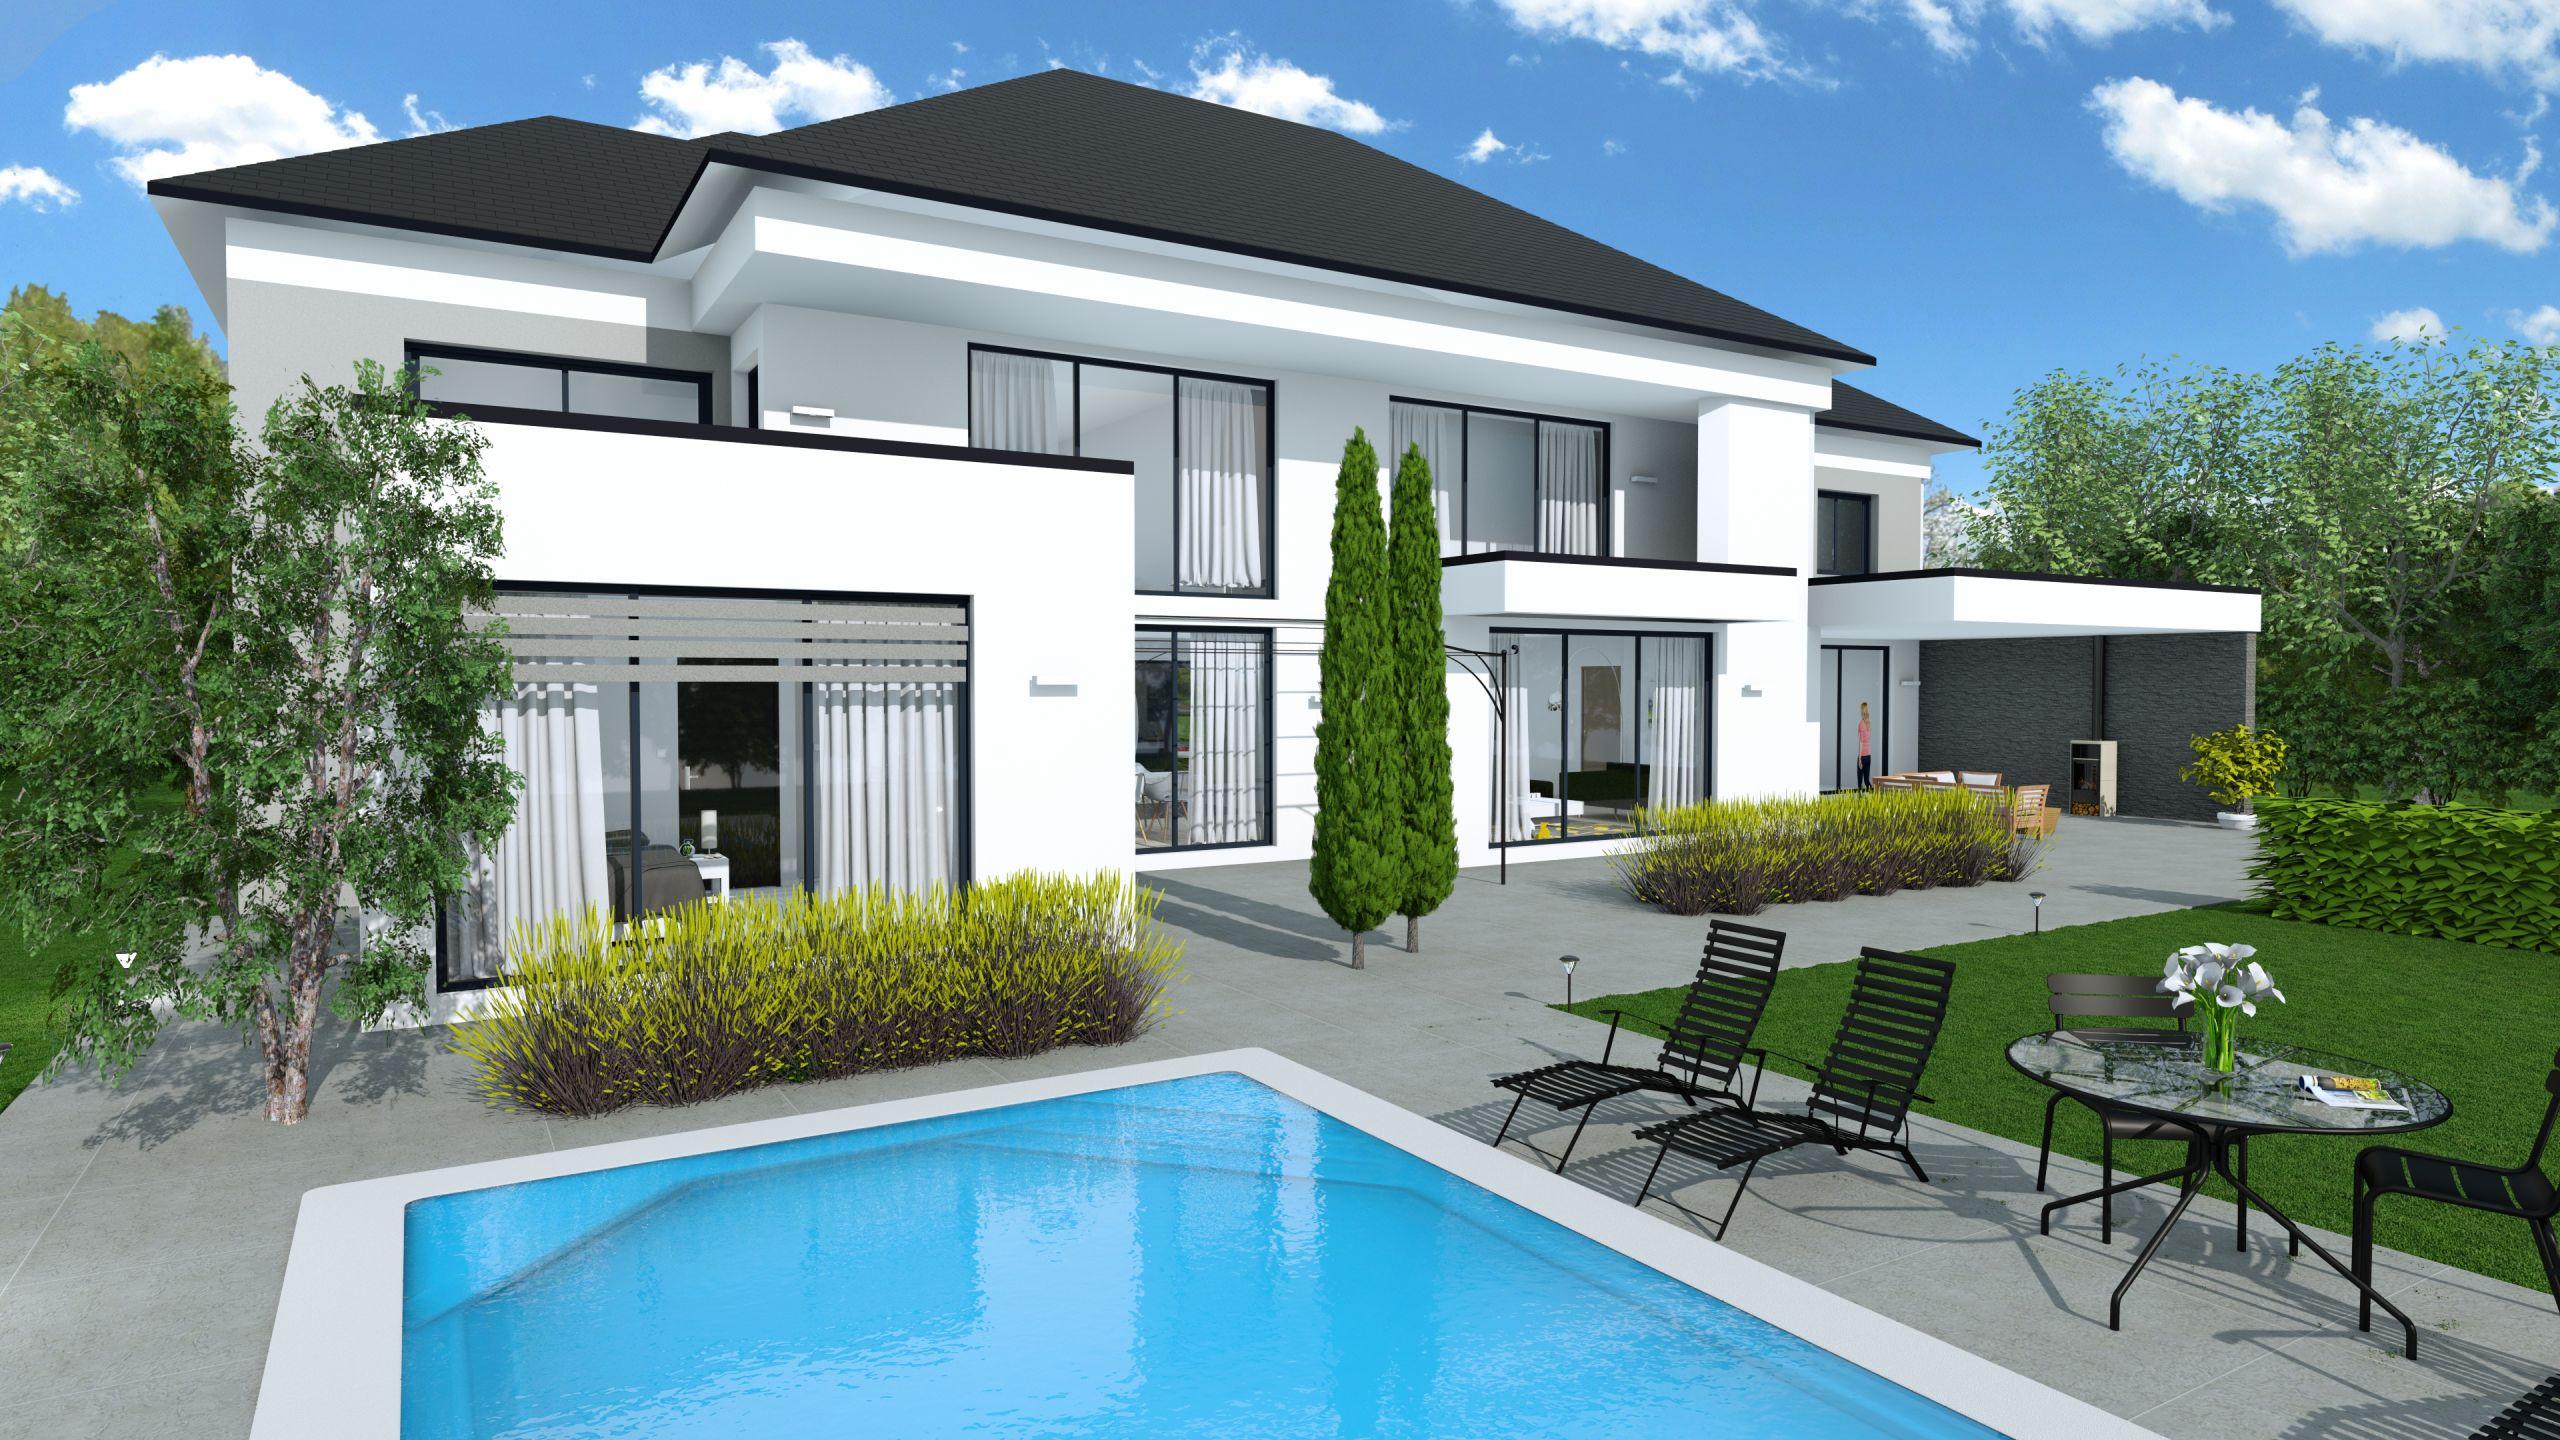 Garden planner Design & remodel exteriors in 3D with